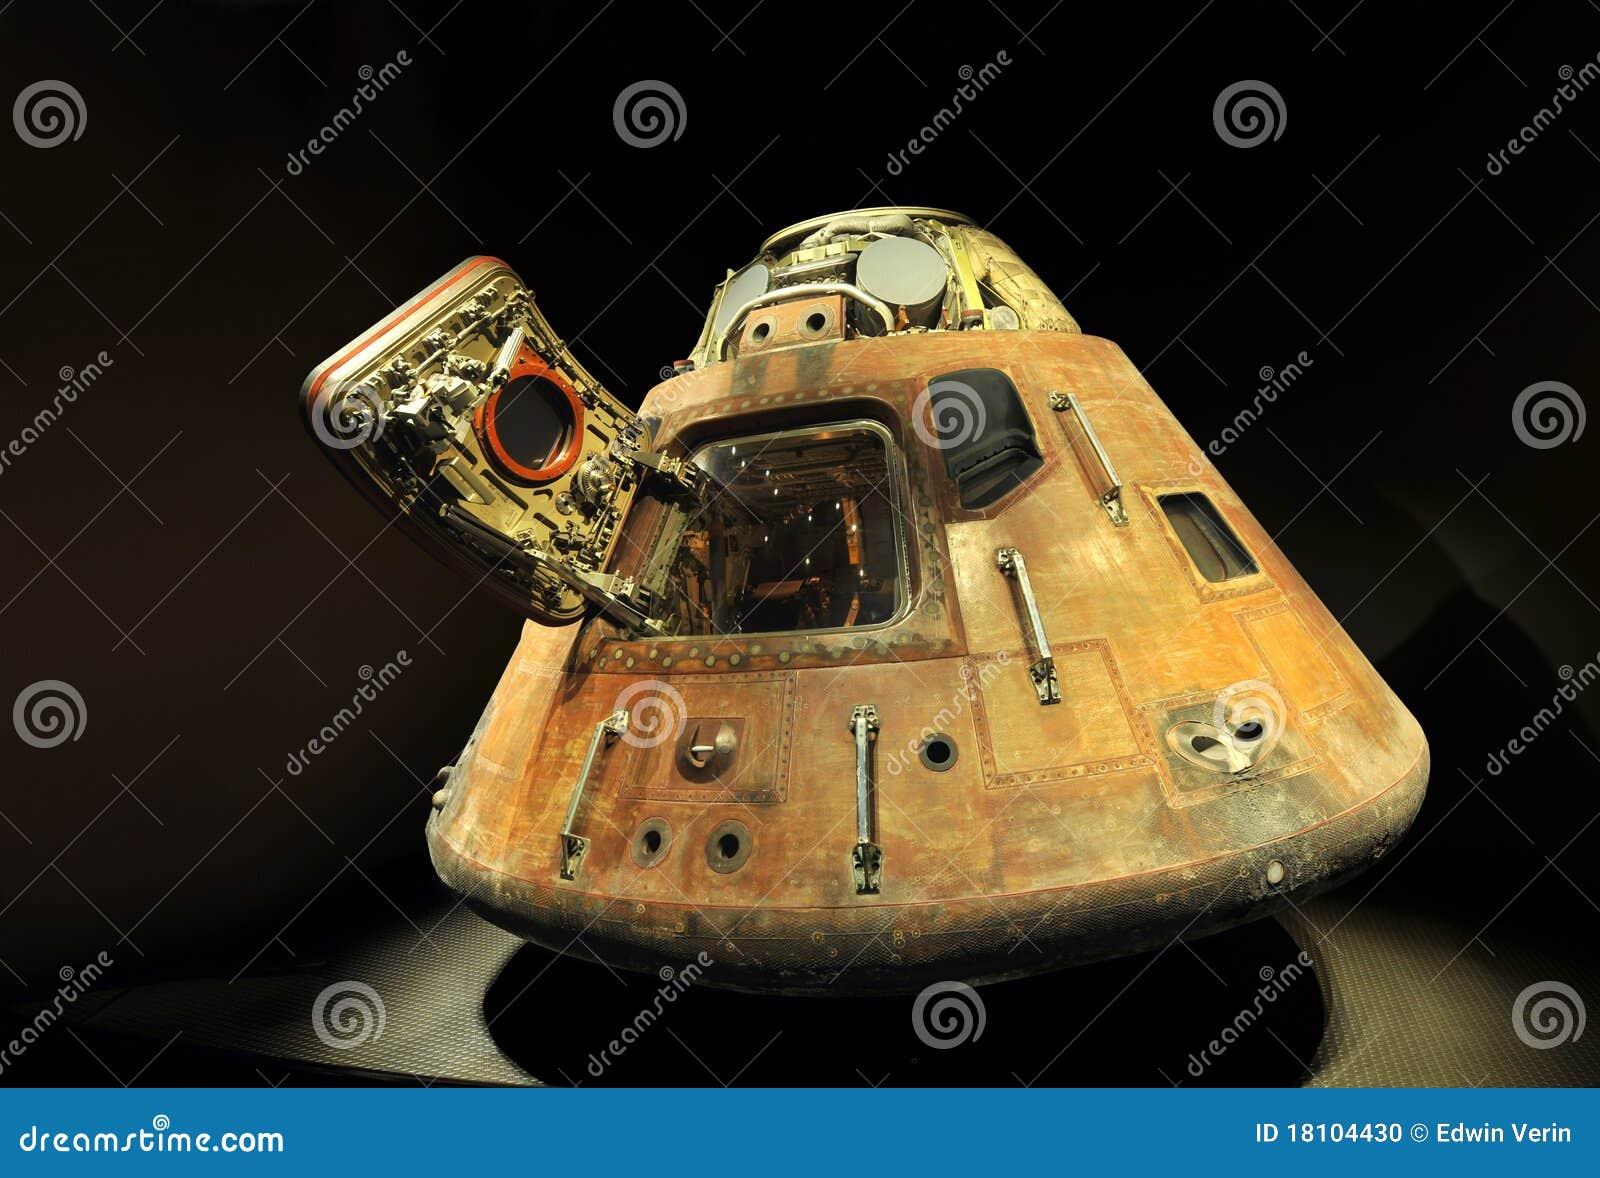 Apollo 13 Lem Capsule Editorial Image Image 18104430